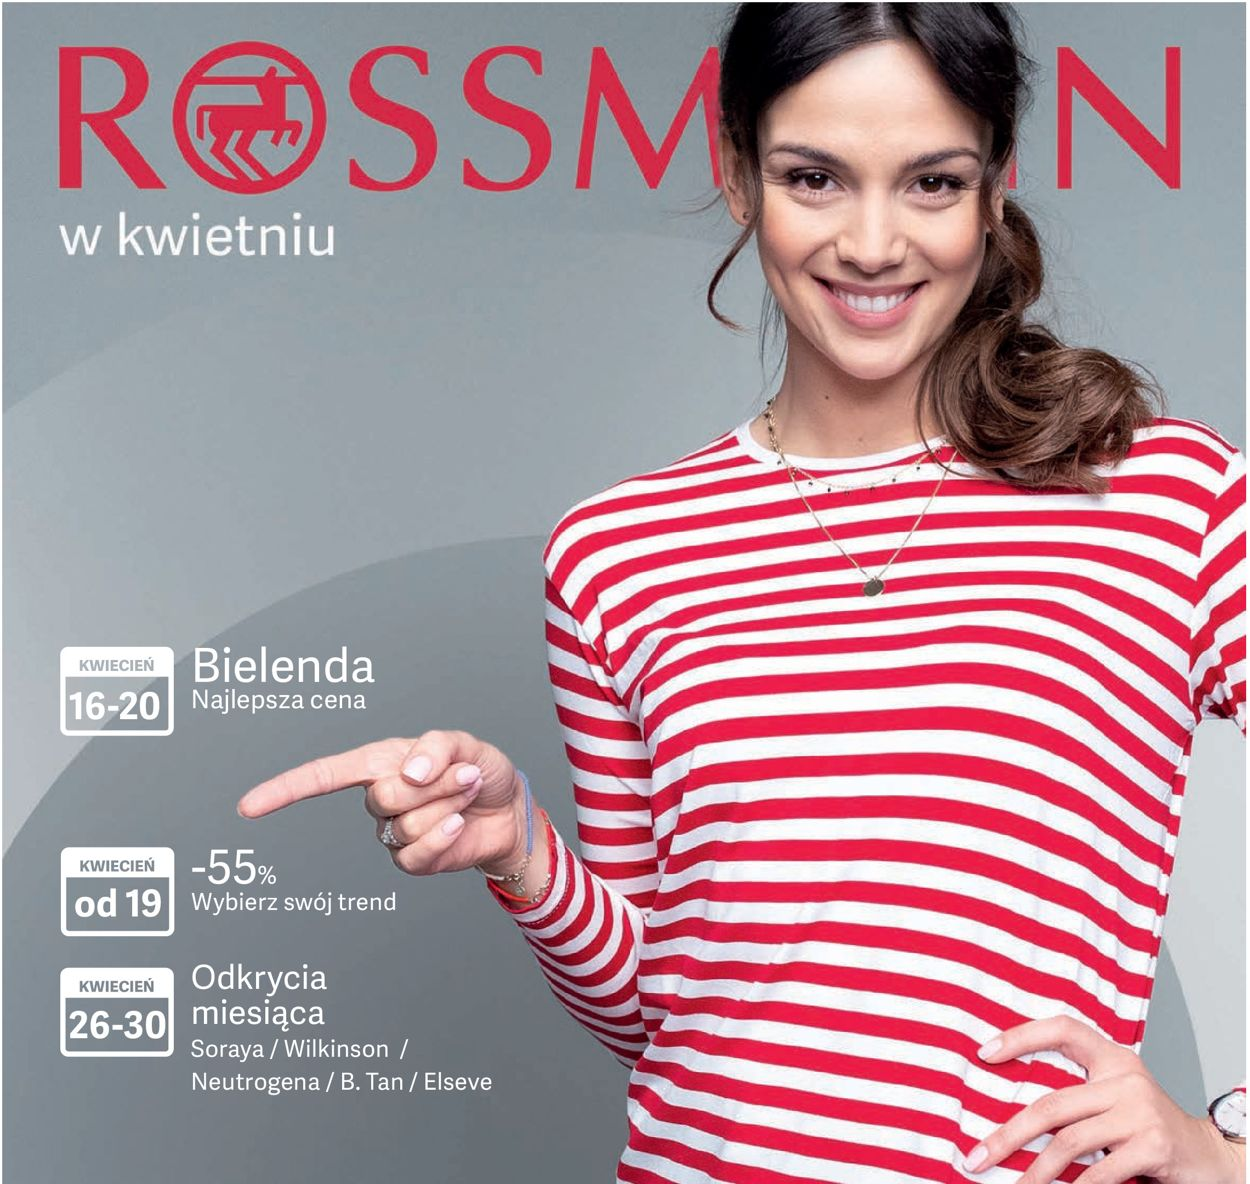 Gazetka promocyjna Rossmann - 16.04-30.04.2019